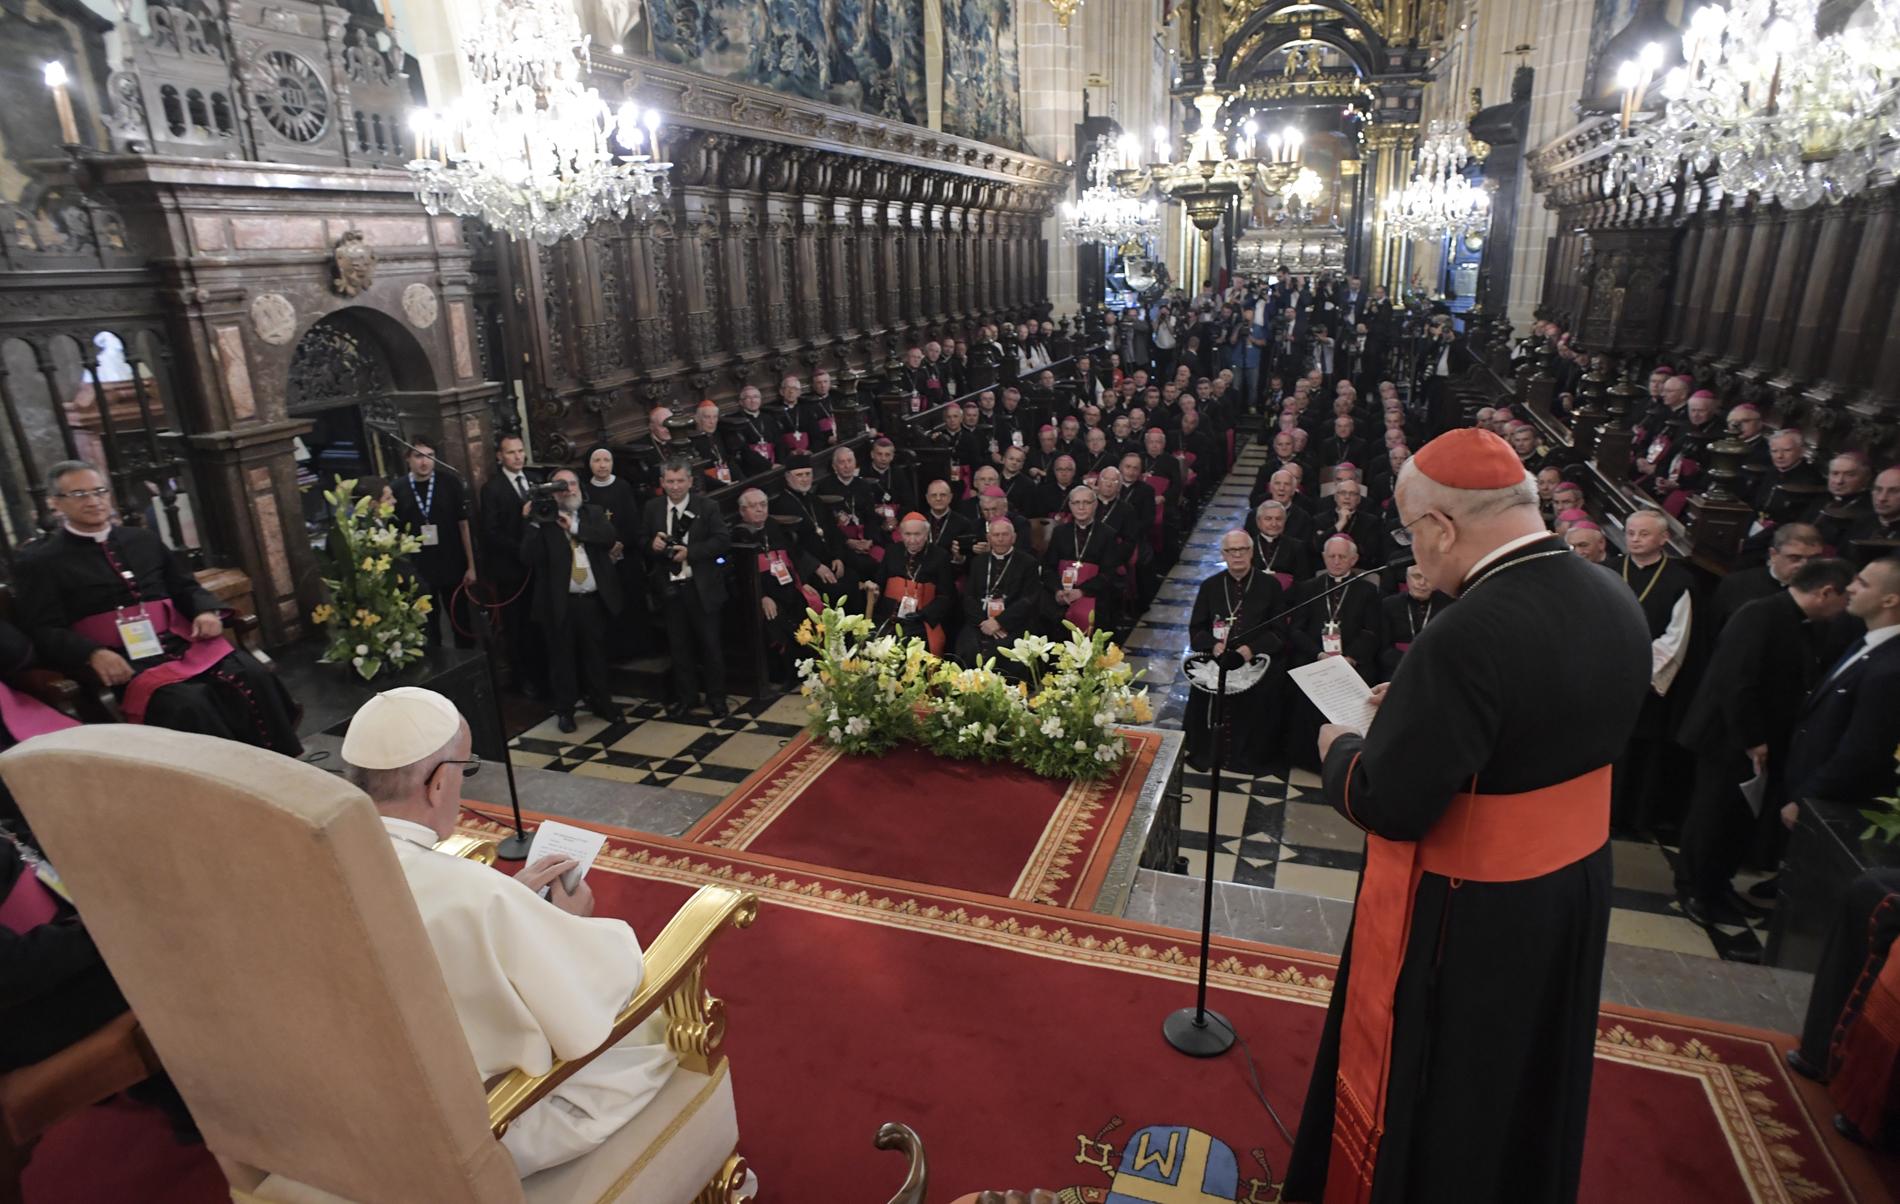 Rencontre avec les évêques de Pologne, cathédrale de Cracovie © L'Osservatore Romano